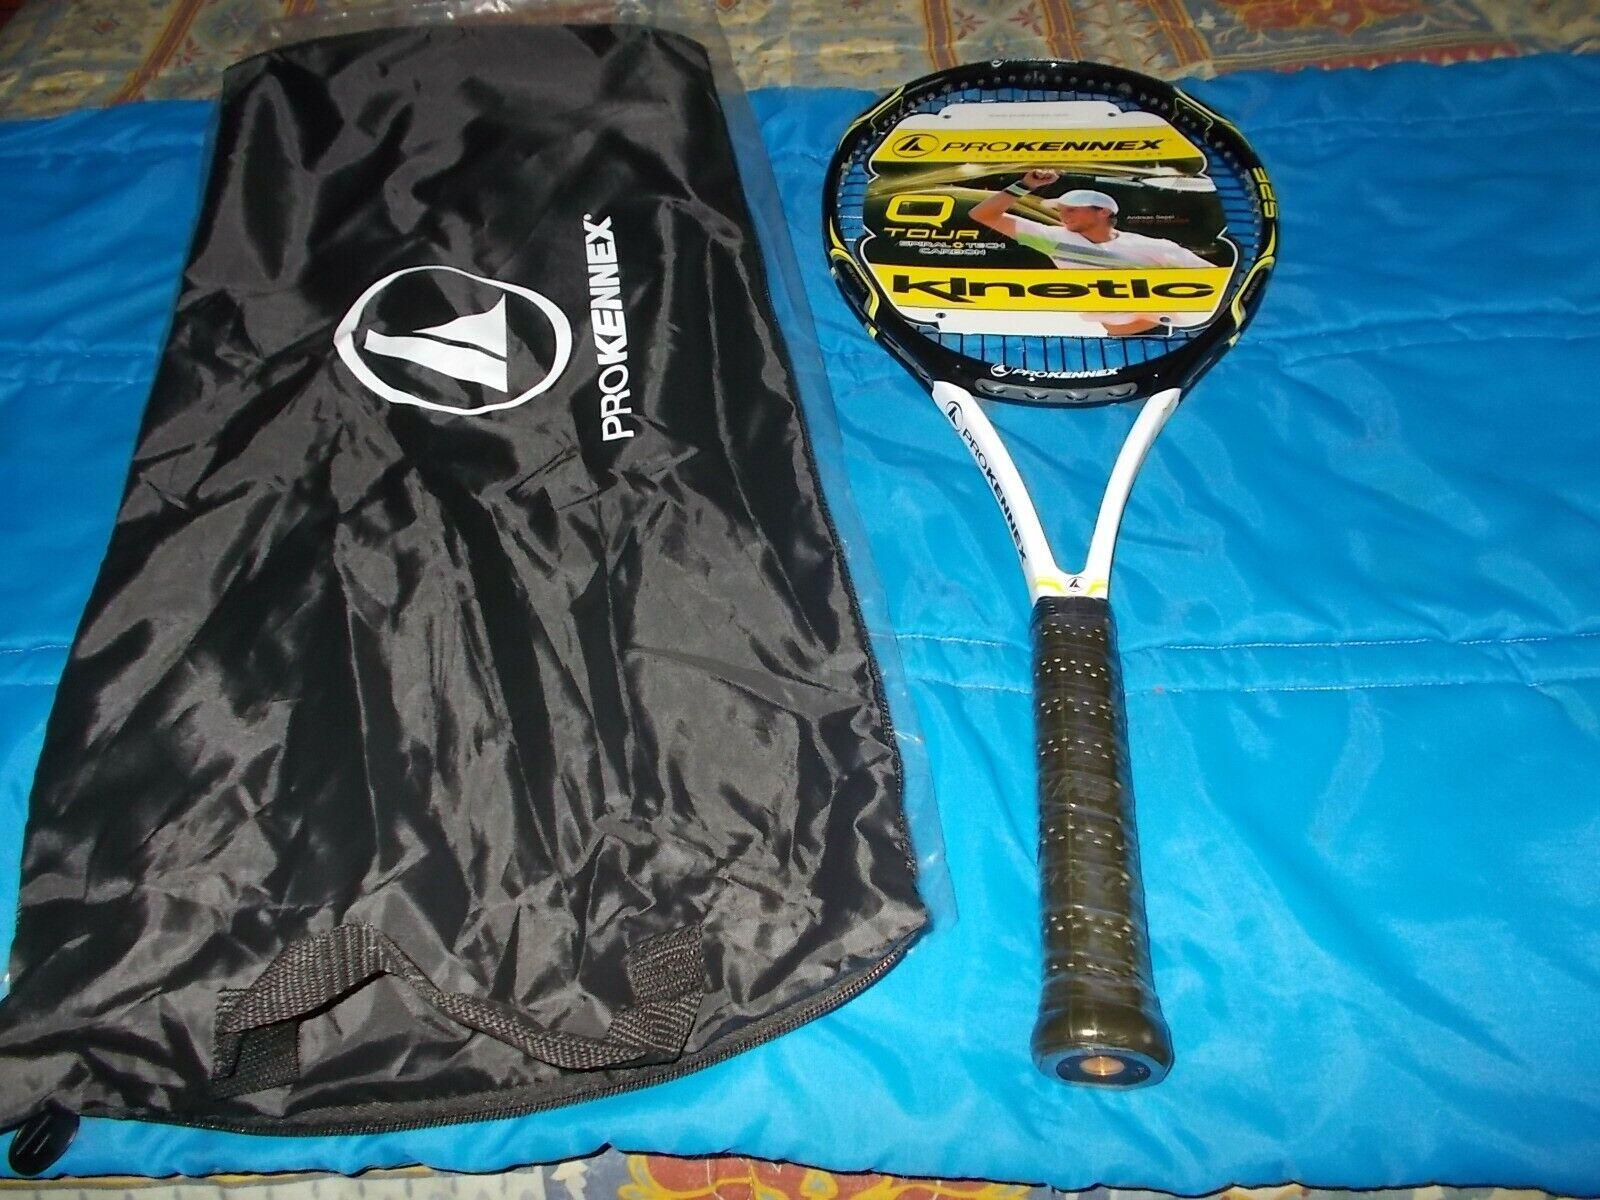 Racchetta tennis PROKENNEX QTOUR QTOUR QTOUR 325 eb78b6